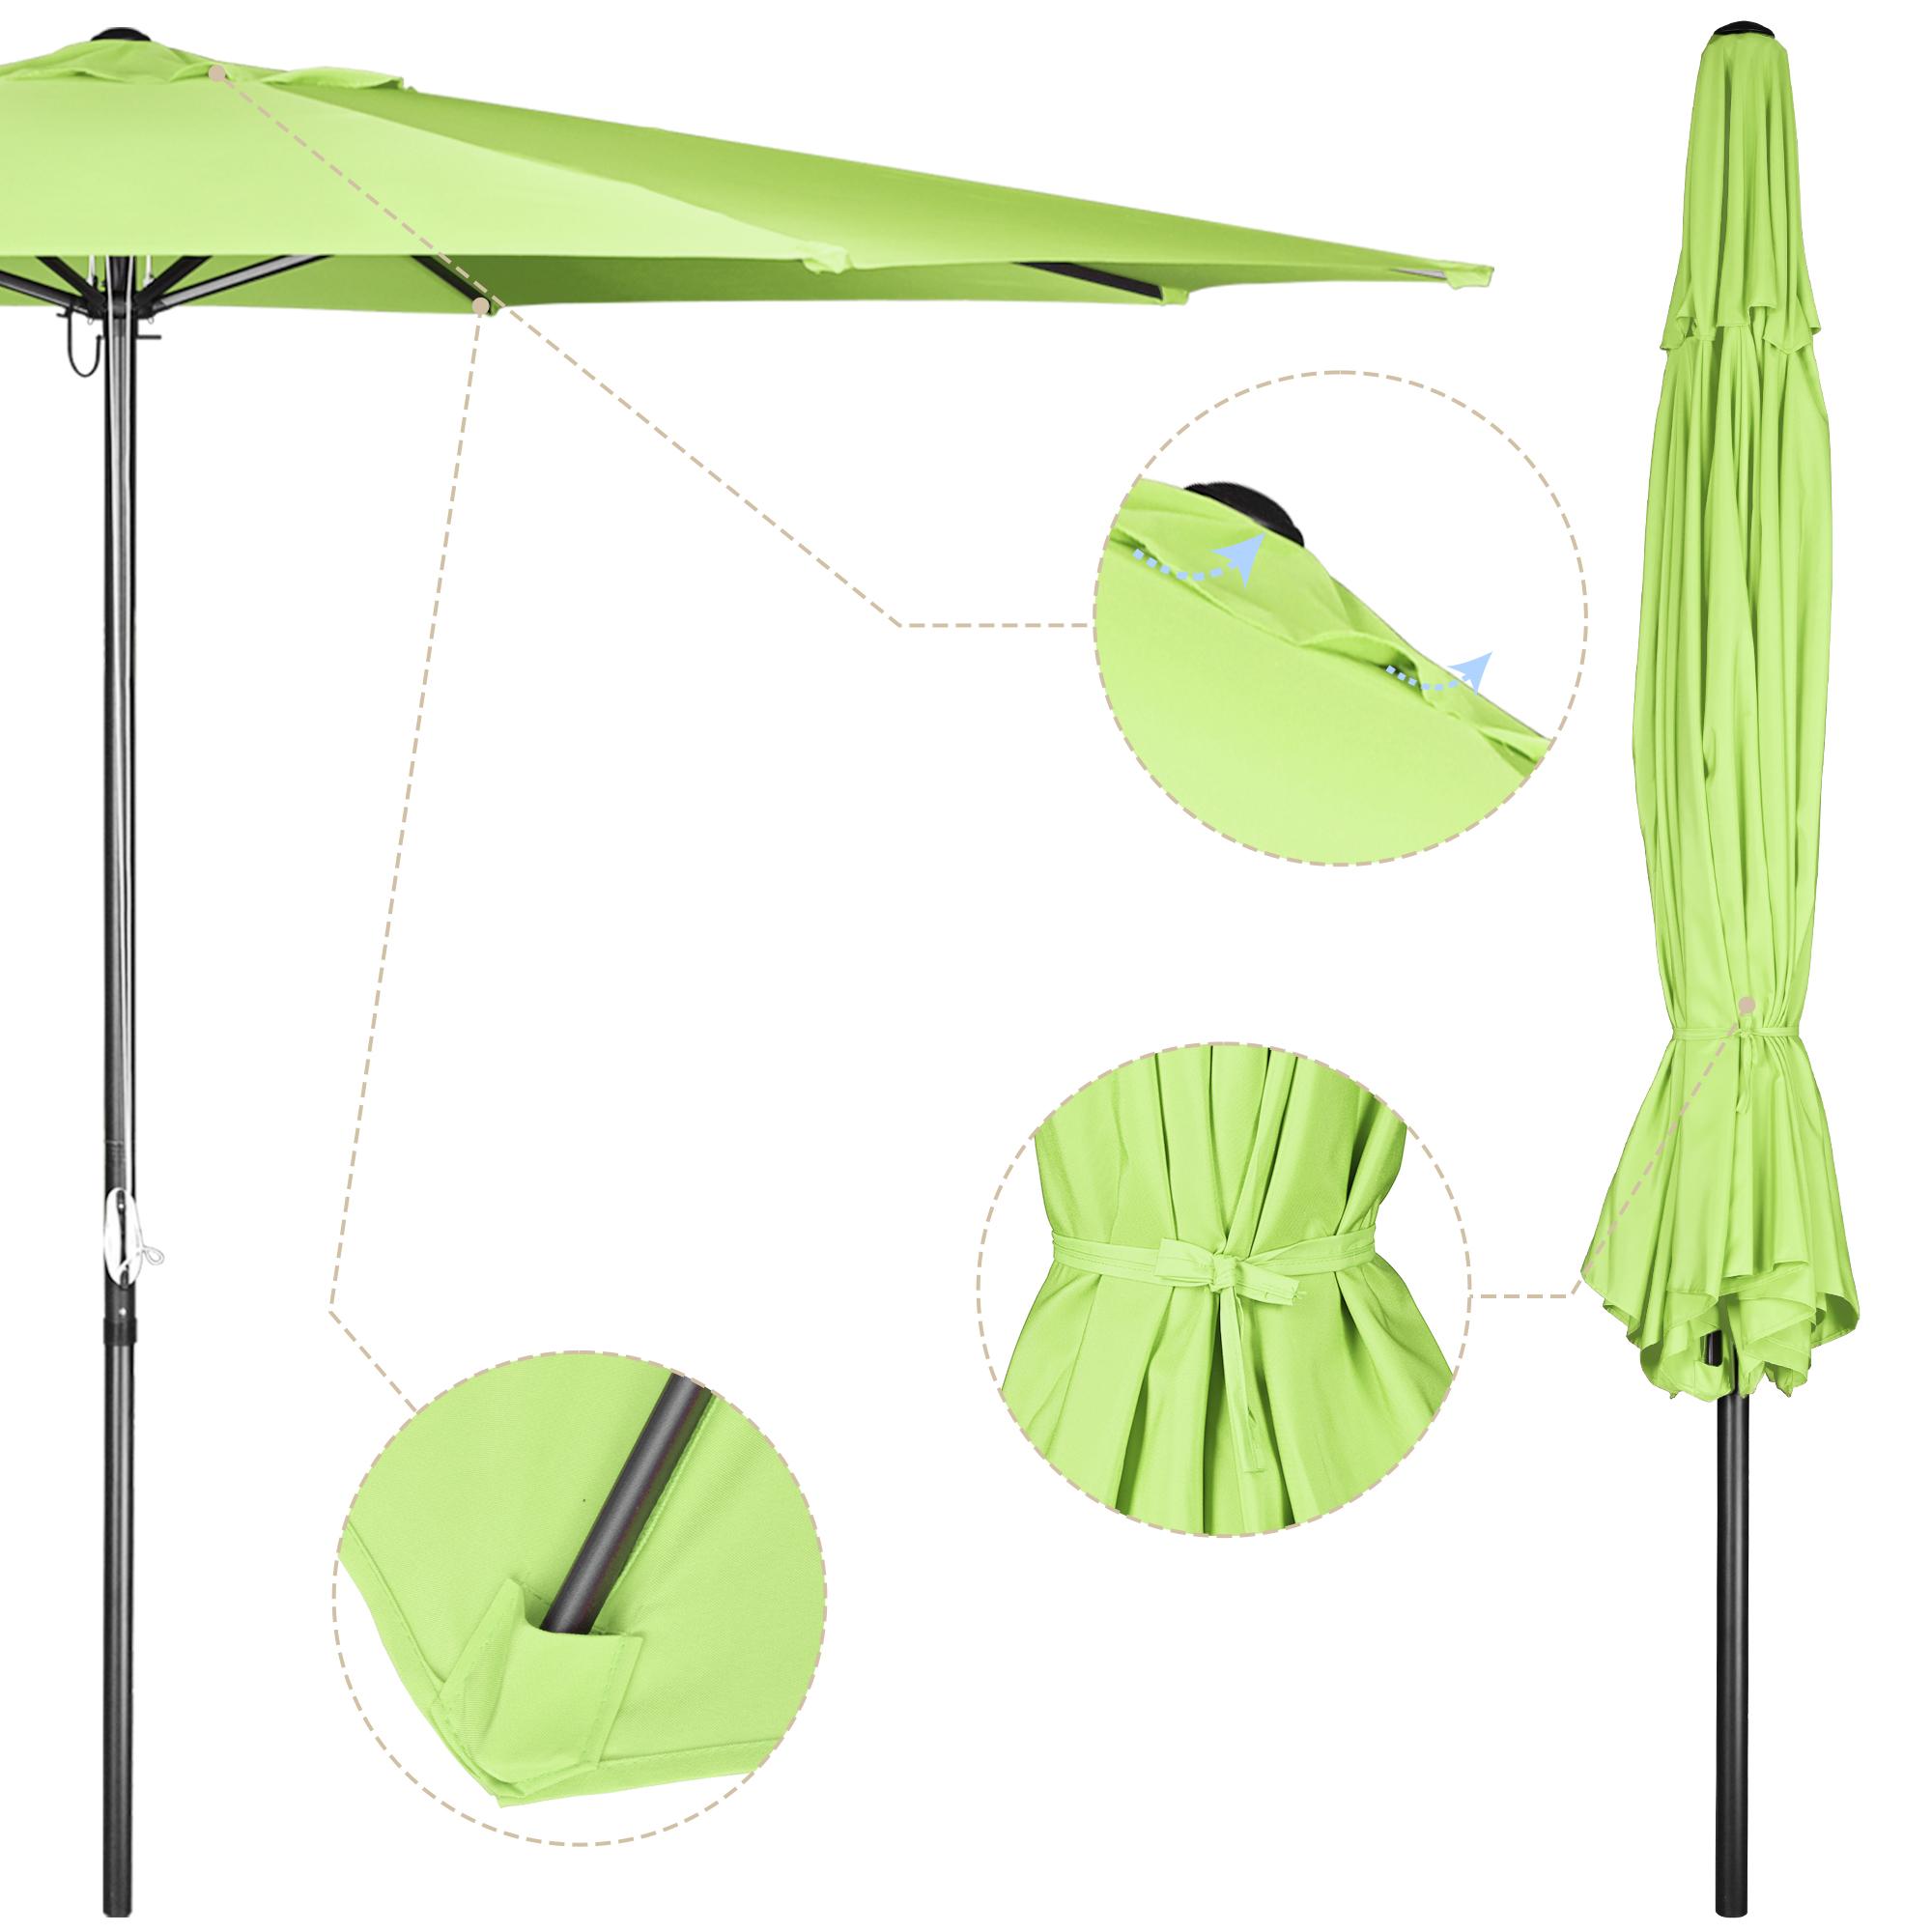 thumbnail 19 - 13' FT Sun Shade Patio Aluminum Umbrella UV30+ Outdoor Market Garden Beach Deck